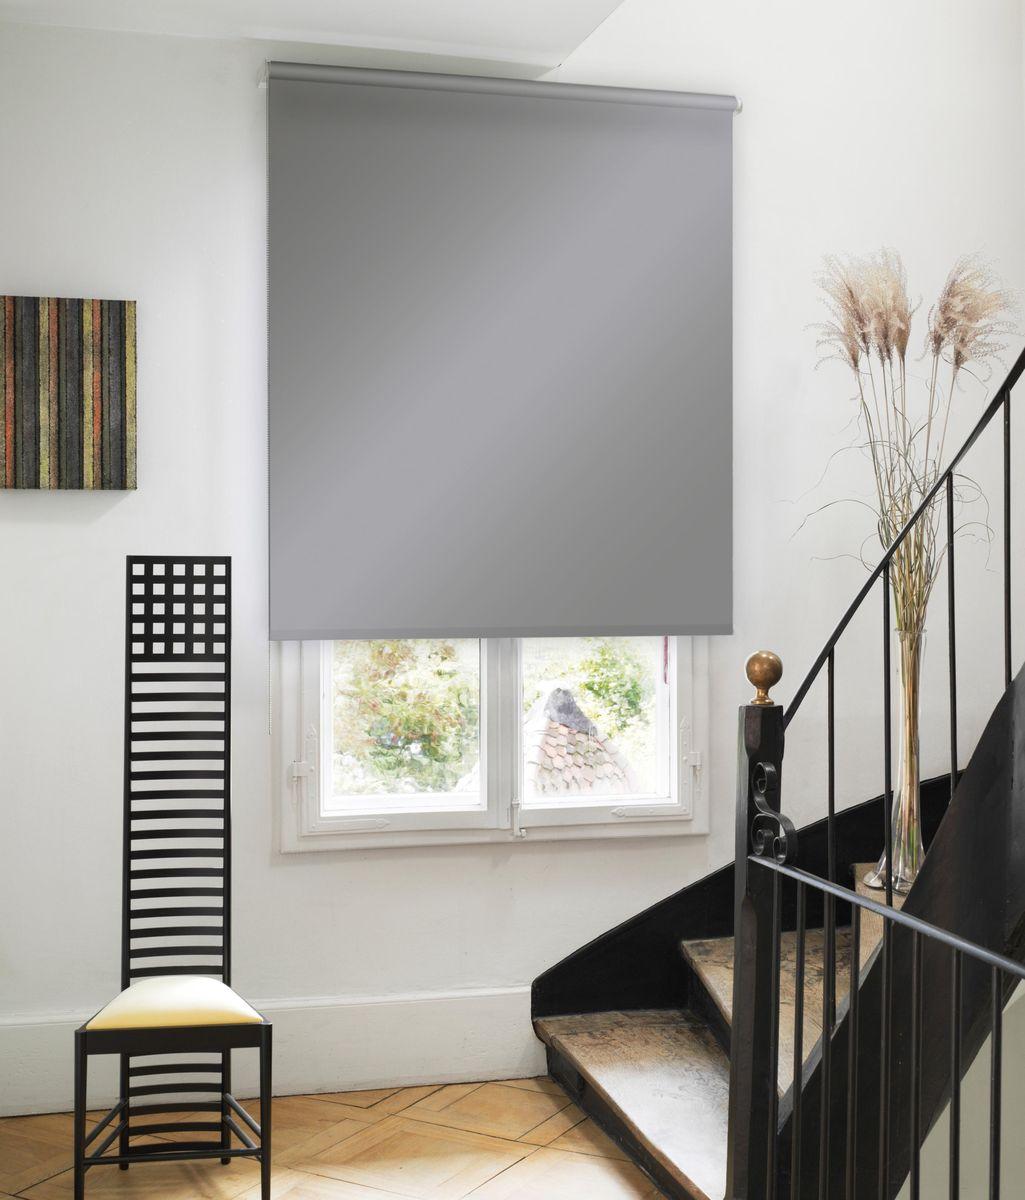 Штора рулонная Эскар, цвет: серый, ширина 140 см, высота 170 смS03301004Рулонными шторами можно оформлять окна как самостоятельно, так и использовать в комбинации с портьерами. Это поможет предотвратить выгорание дорогой ткани на солнце и соединит функционал рулонных с красотой навесных.Преимущества применения рулонных штор для пластиковых окон:- имеют прекрасный внешний вид: многообразие и фактурность материала изделия отлично смотрятся в любом интерьере; - многофункциональны: есть возможность подобрать шторы способные эффективно защитить комнату от солнца, при этом о на не будет слишком темной. - Есть возможность осуществить быстрый монтаж. ВНИМАНИЕ! Размеры ширины изделия указаны по ширине ткани!Во время эксплуатации не рекомендуется полностью разматывать рулон, чтобы не оторвать ткань от намоточного вала.В случае загрязнения поверхности ткани, чистку шторы проводят одним из способов, в зависимости от типа загрязнения: легкое поверхностное загрязнение можно удалить при помощи канцелярского ластика; чистка от пыли производится сухим методом при помощи пылесоса с мягкой щеткой-насадкой; для удаления пятна используйте мягкую губку с пенообразующим неагрессивным моющим средством или пятновыводитель на натуральной основе (нельзя применять растворители).